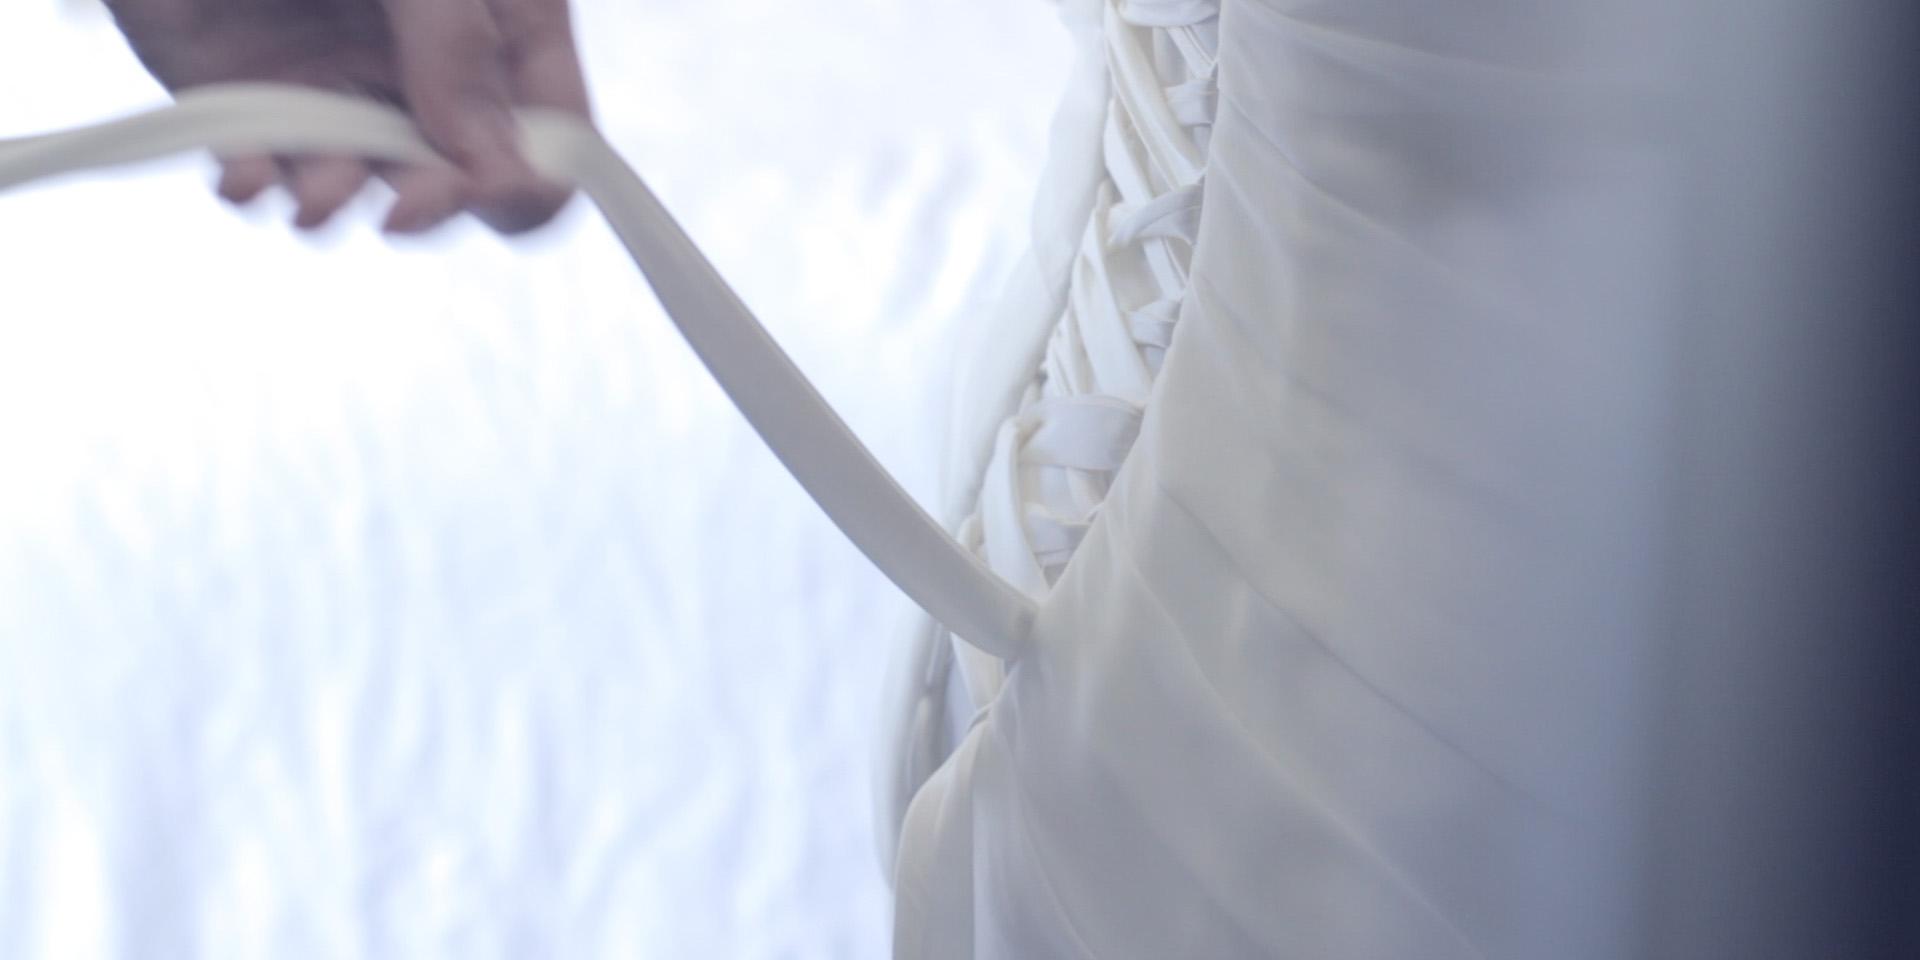 wedding story.00_02_20_17.Still004.jpg